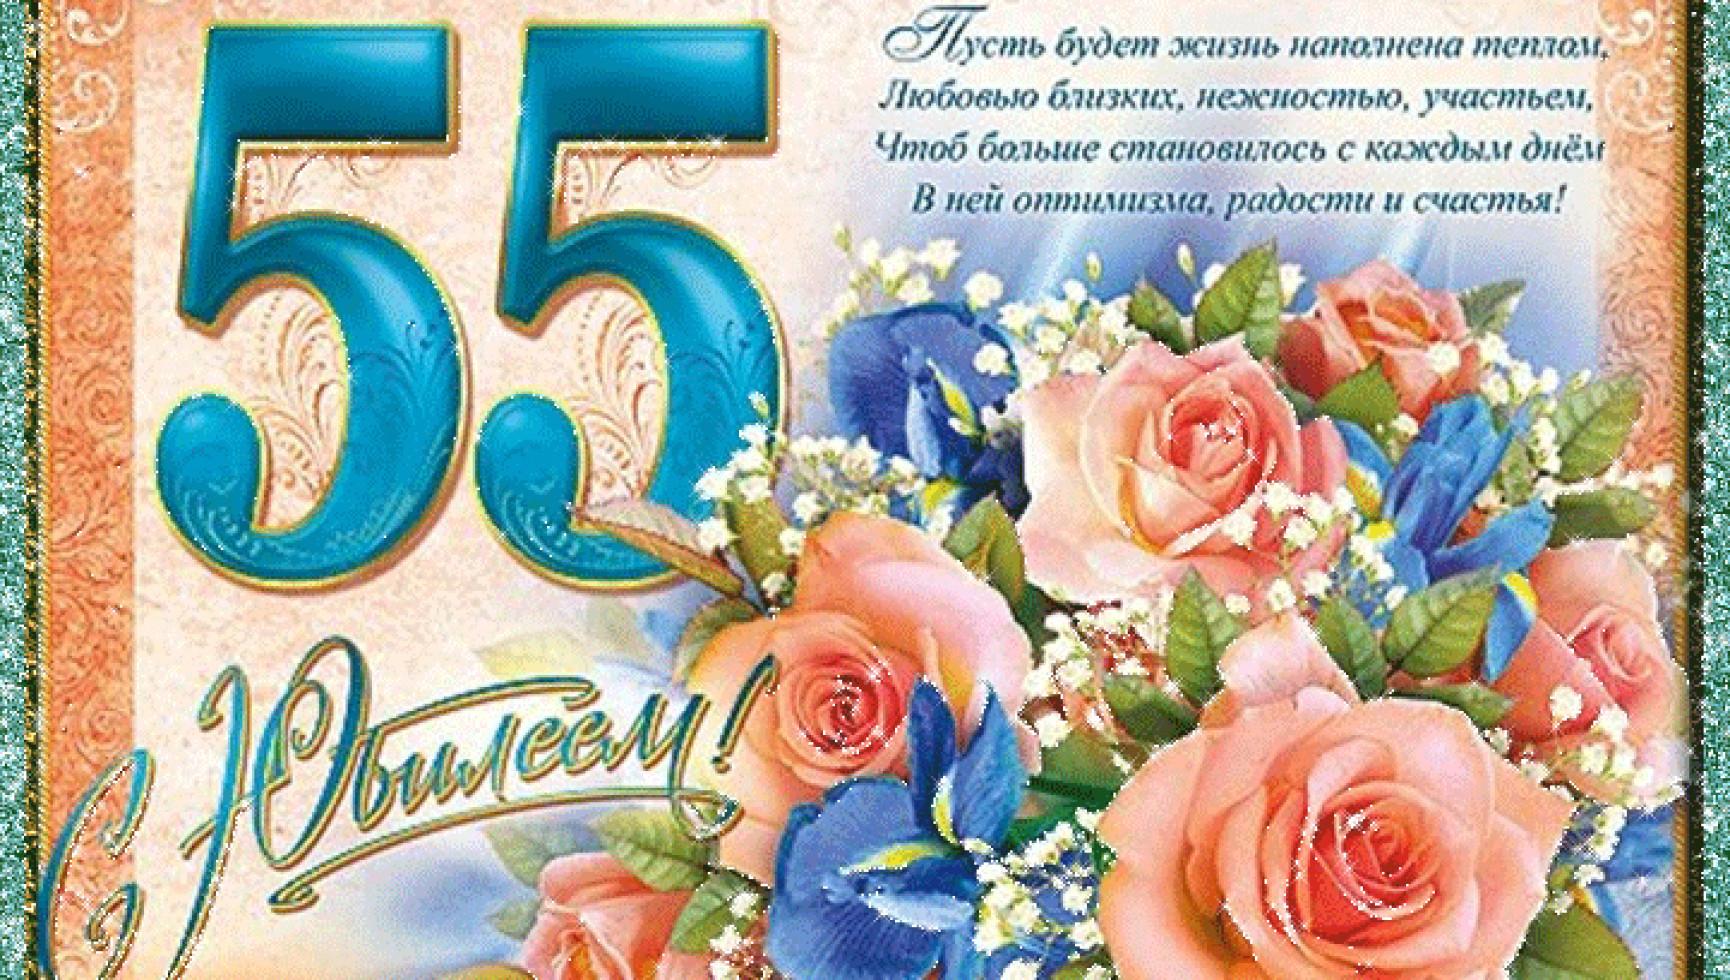 Прикольные поздравления на 55 лет